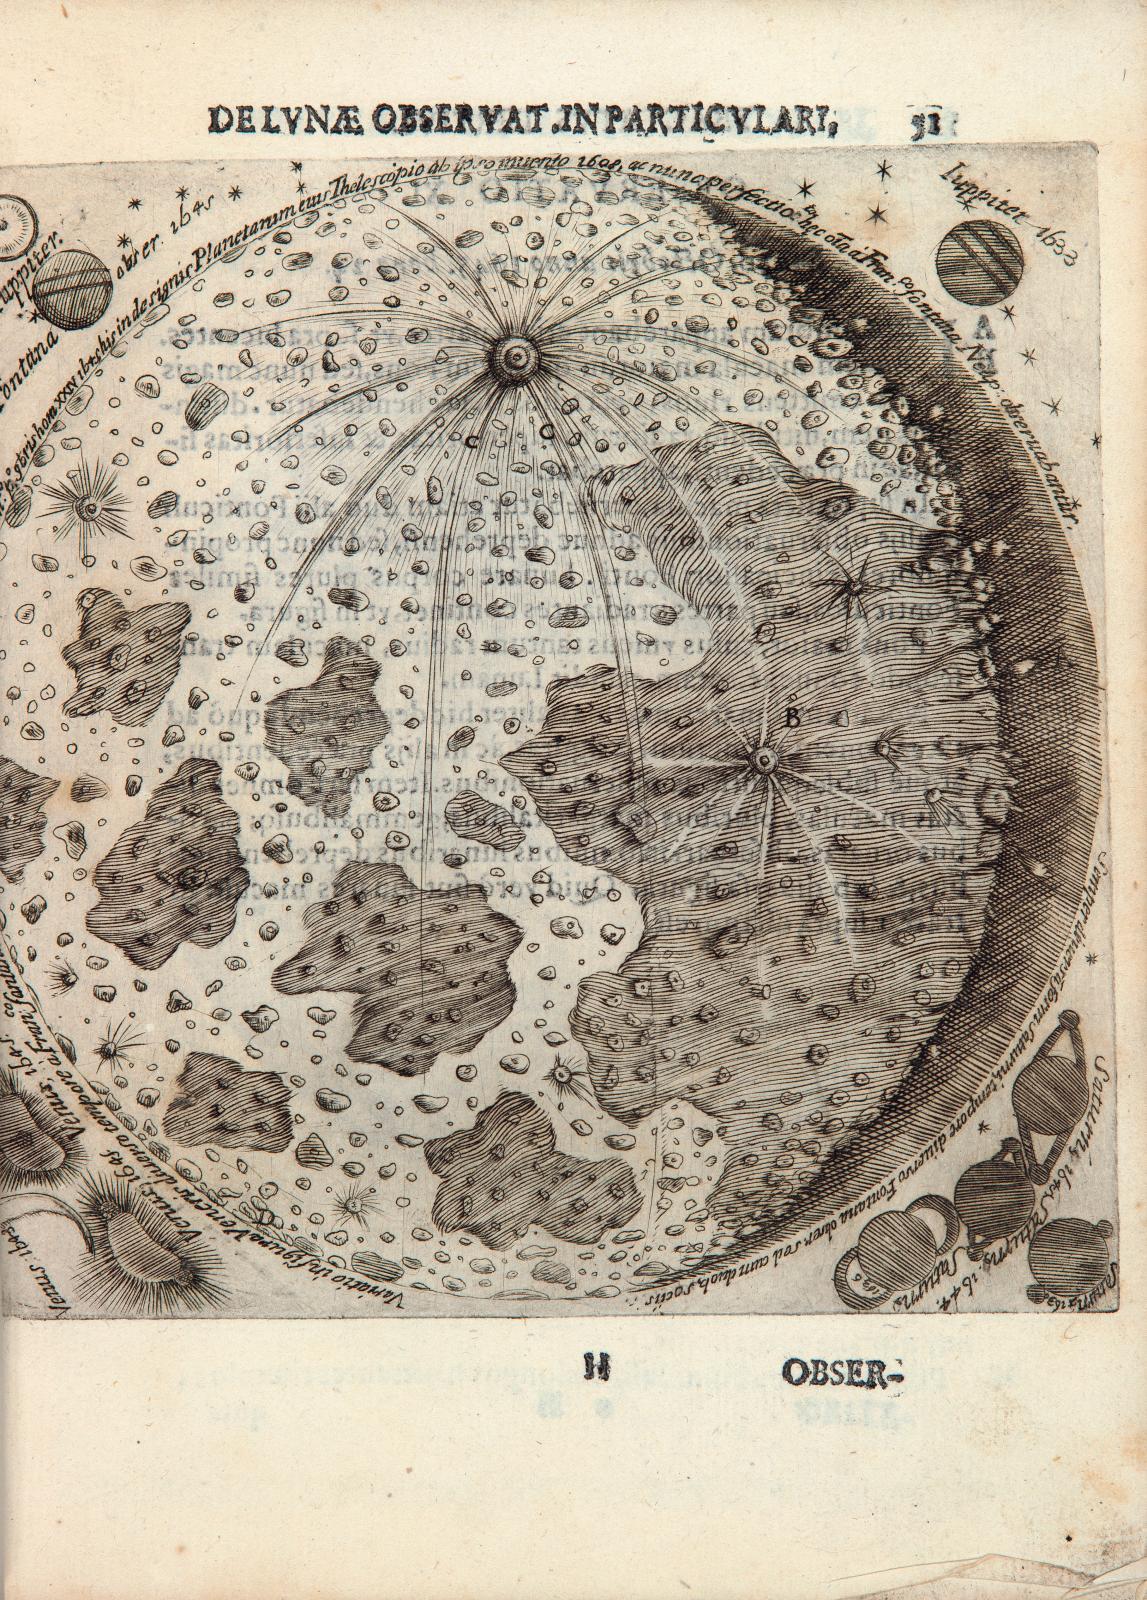 Francesco Fontana (vers 1580-1656), Novae coelestium terrestrium rerum observationes, Et fortasse hactenus non vulgatae, Naples, Gassarum, février 164